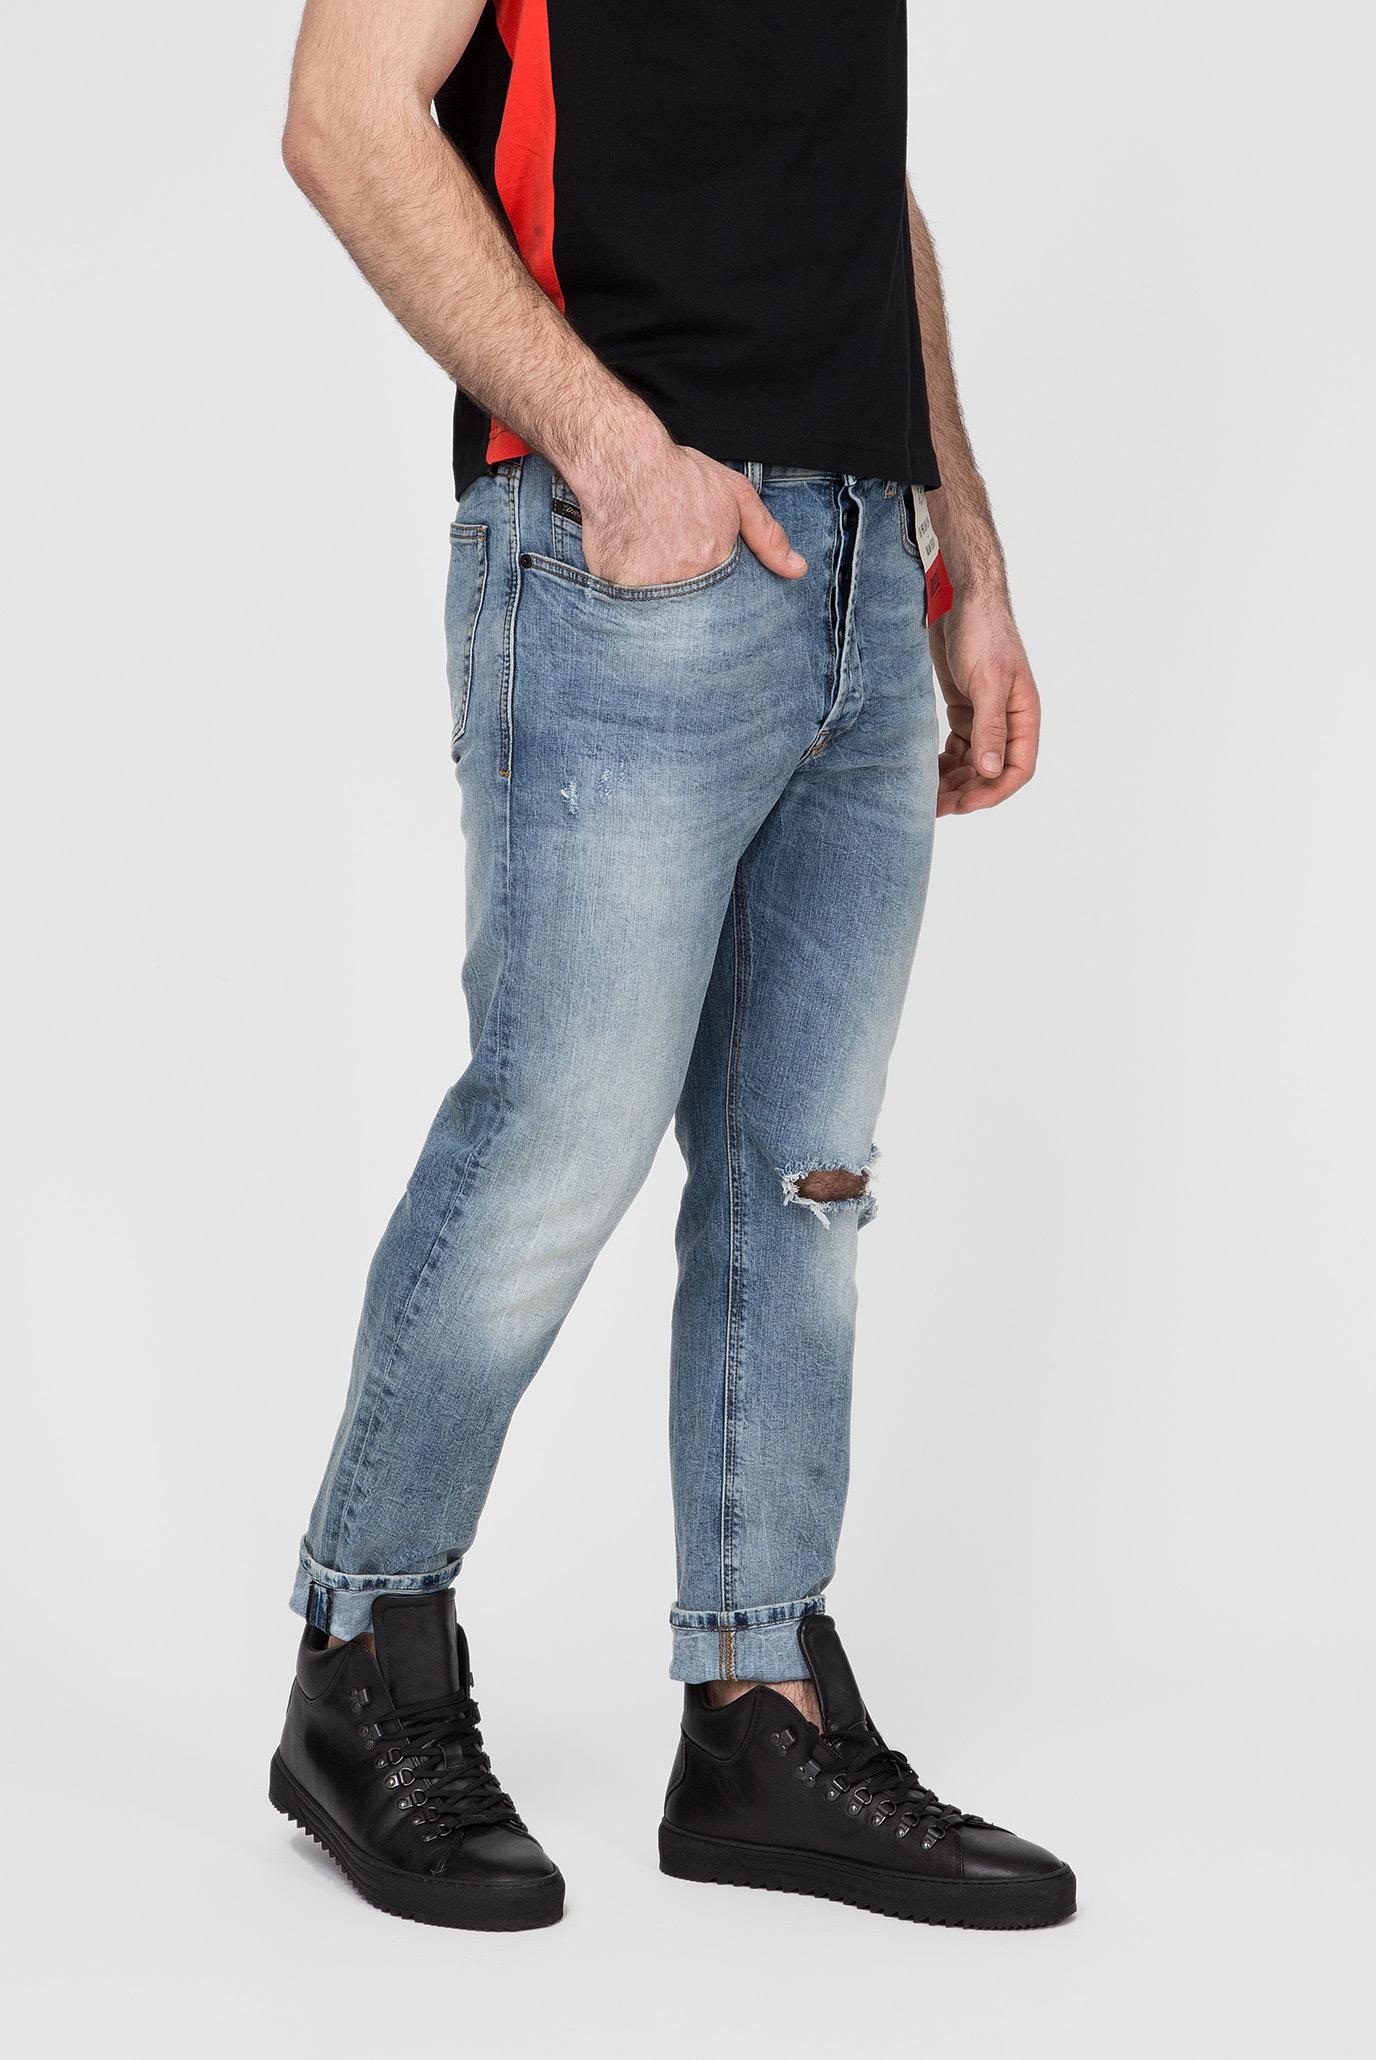 Купить Мужские синие джинсы D-EETAR Diesel Diesel 00SQLY 087AV – Киев, Украина. Цены в интернет магазине MD Fashion